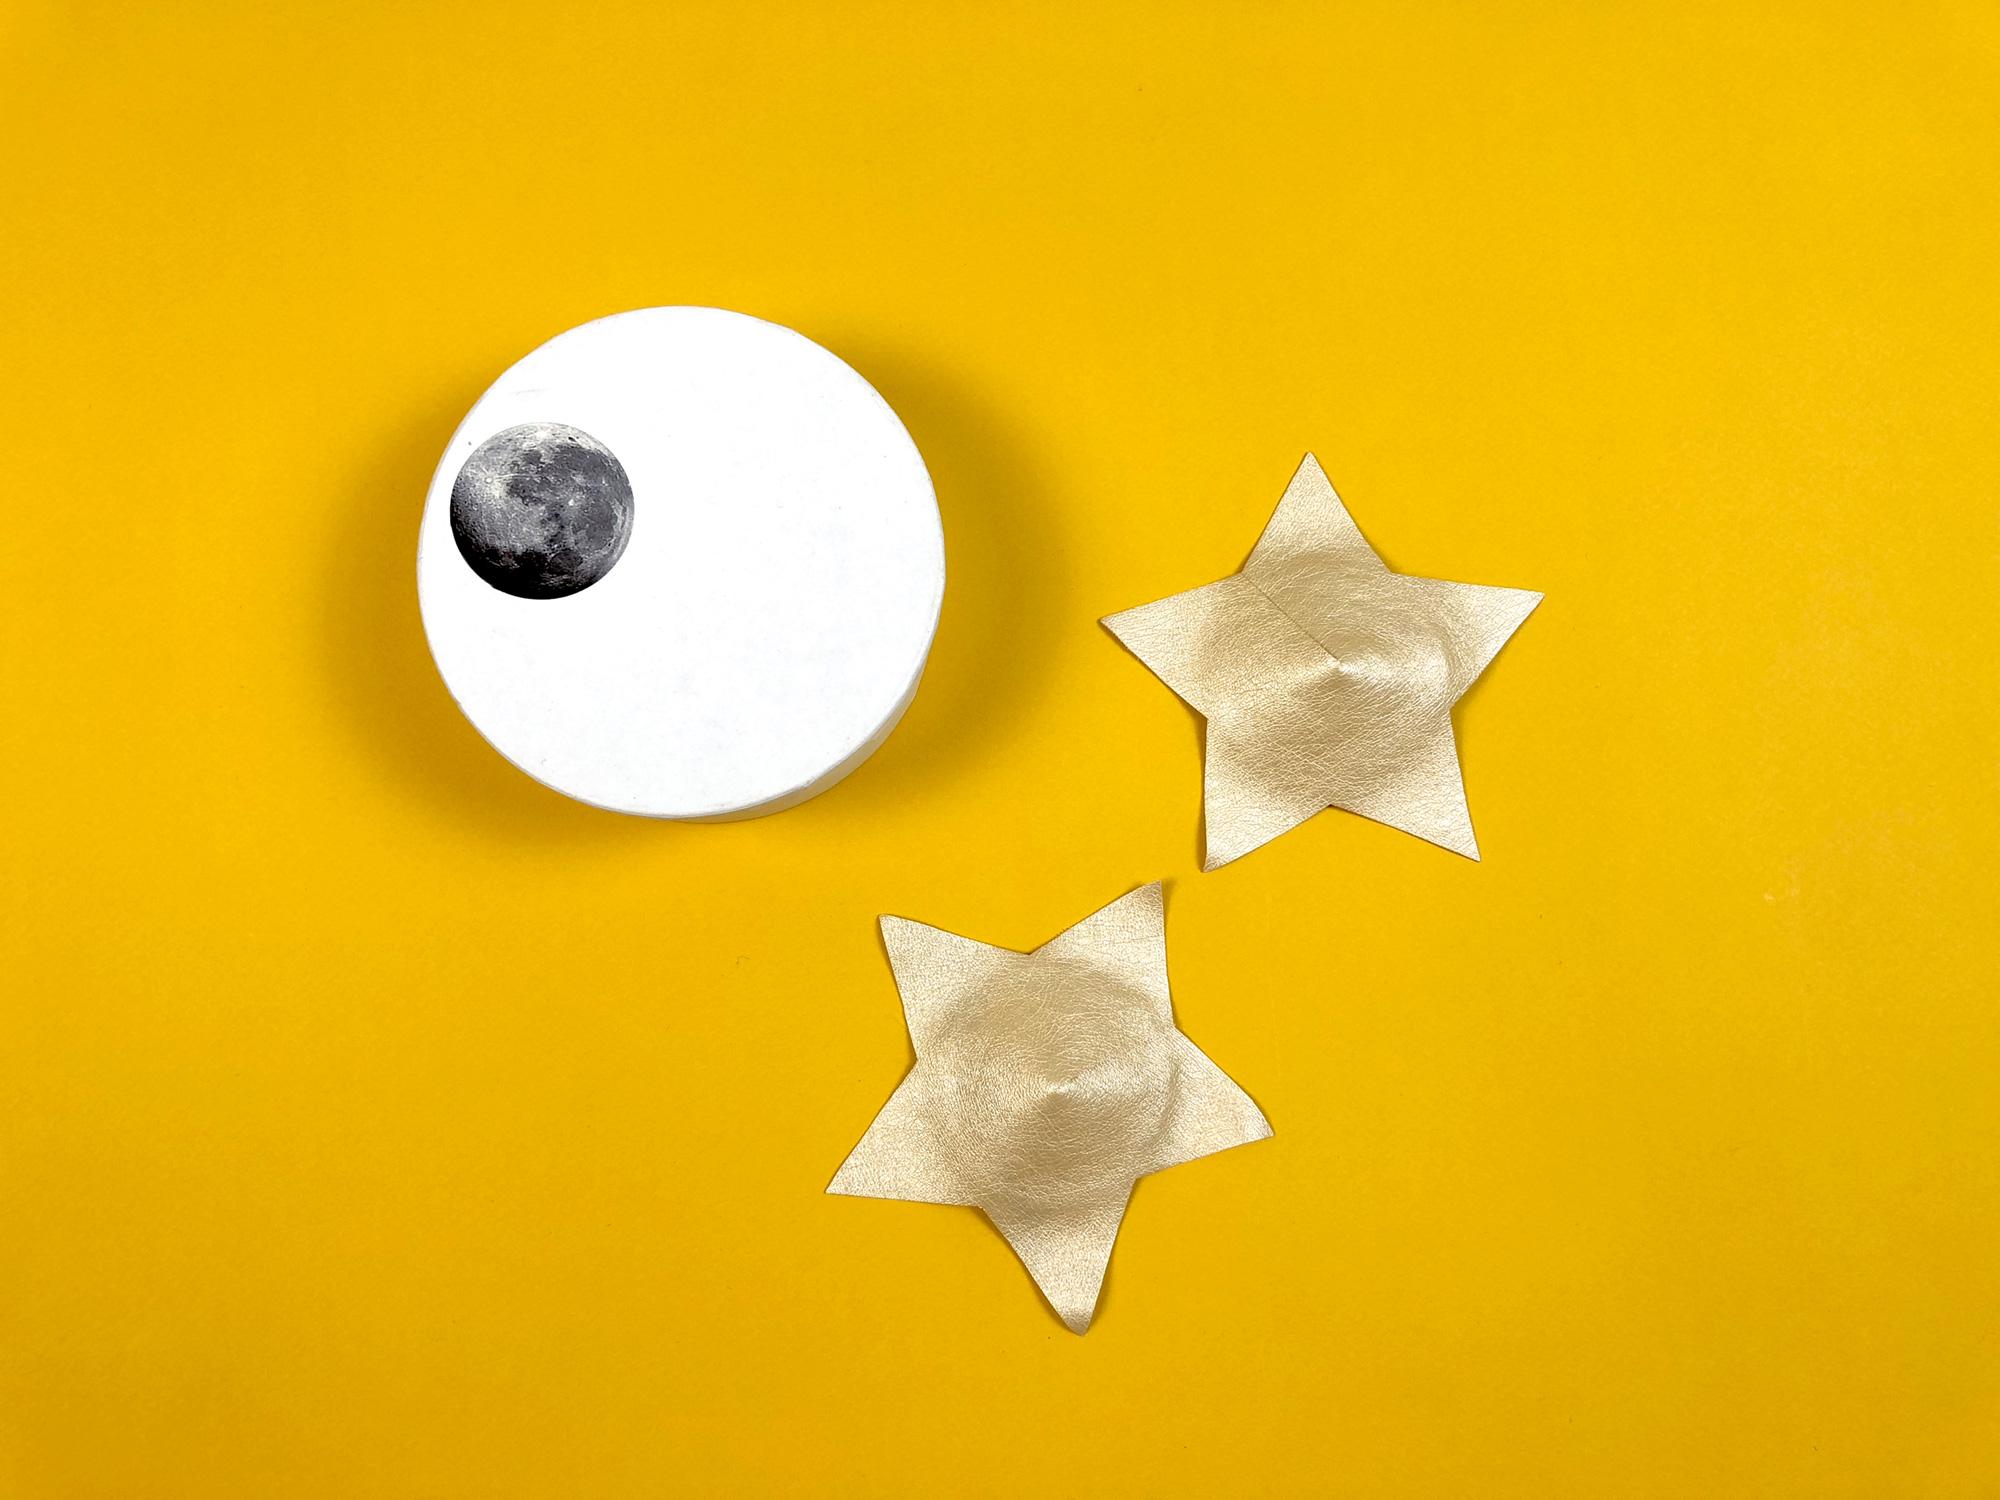 Звёздная ночь: Обзор нижнего белья Nearer The Moon в журнале Garterblog.ru